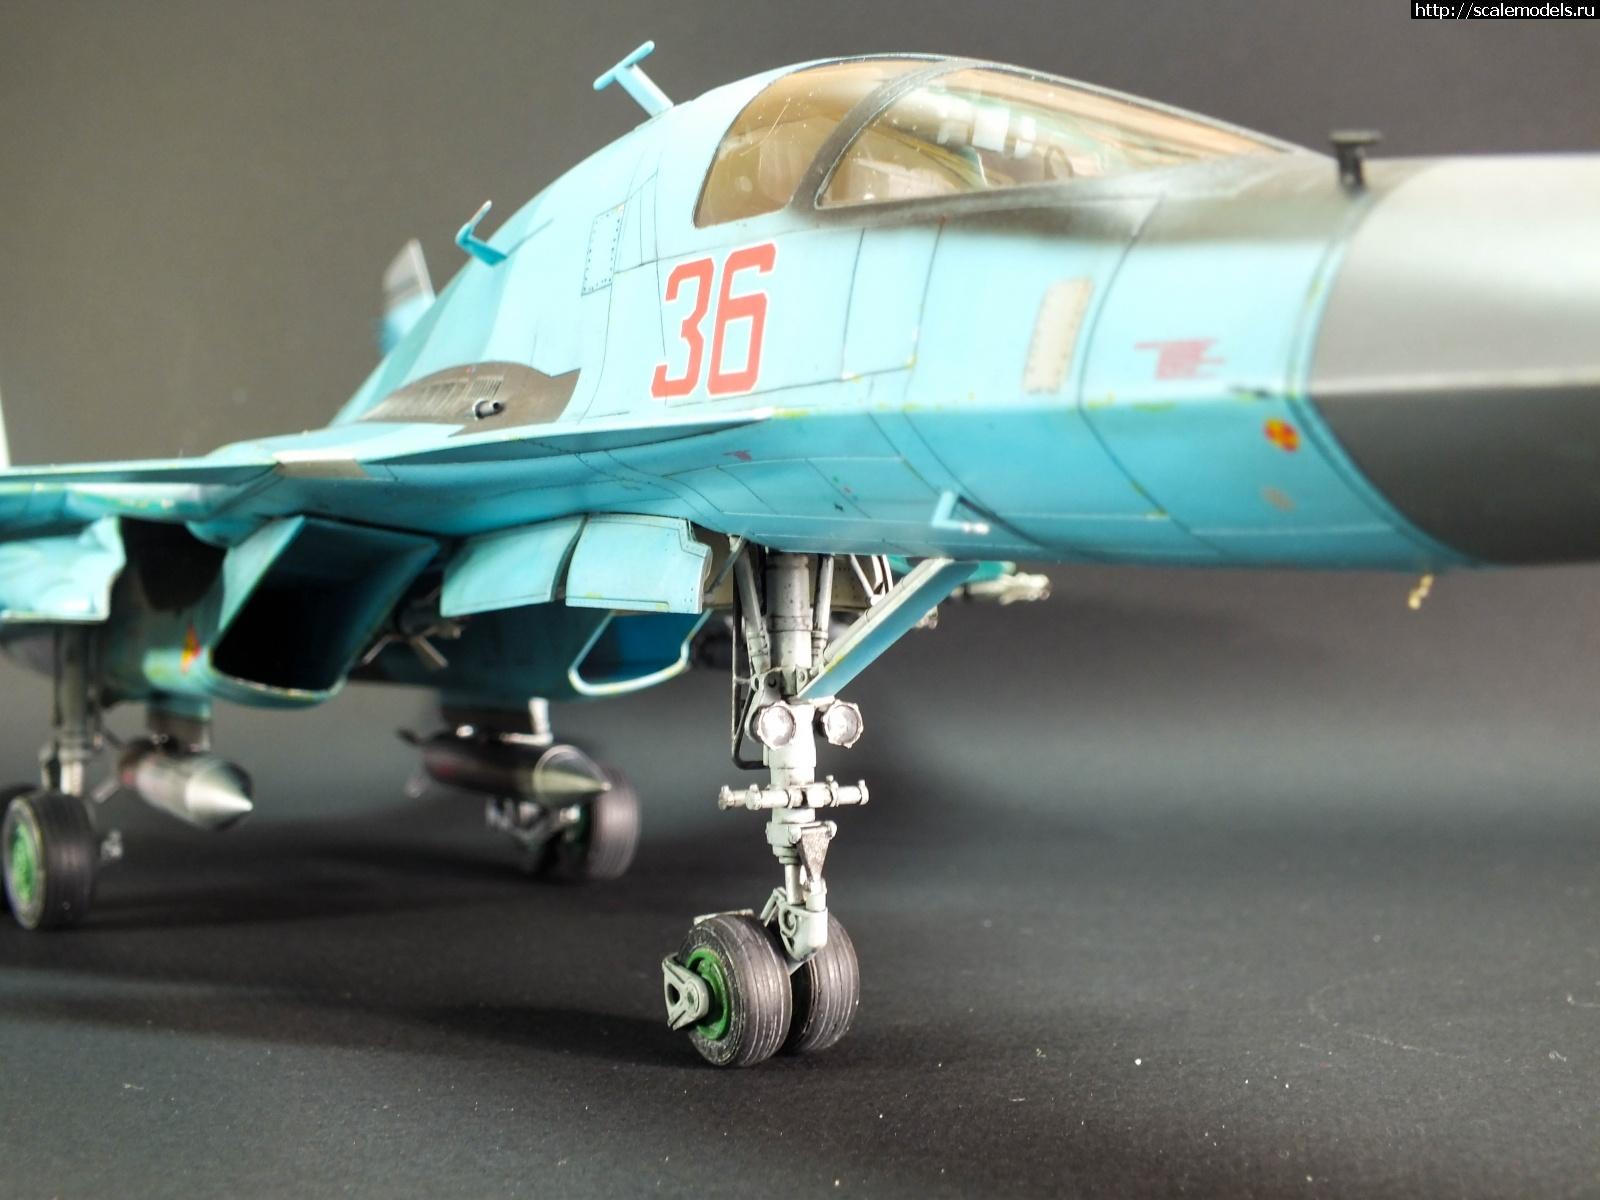 #1592245/ Су-34 Hobby Boss 1/48 - ГОТОВО! Закрыть окно